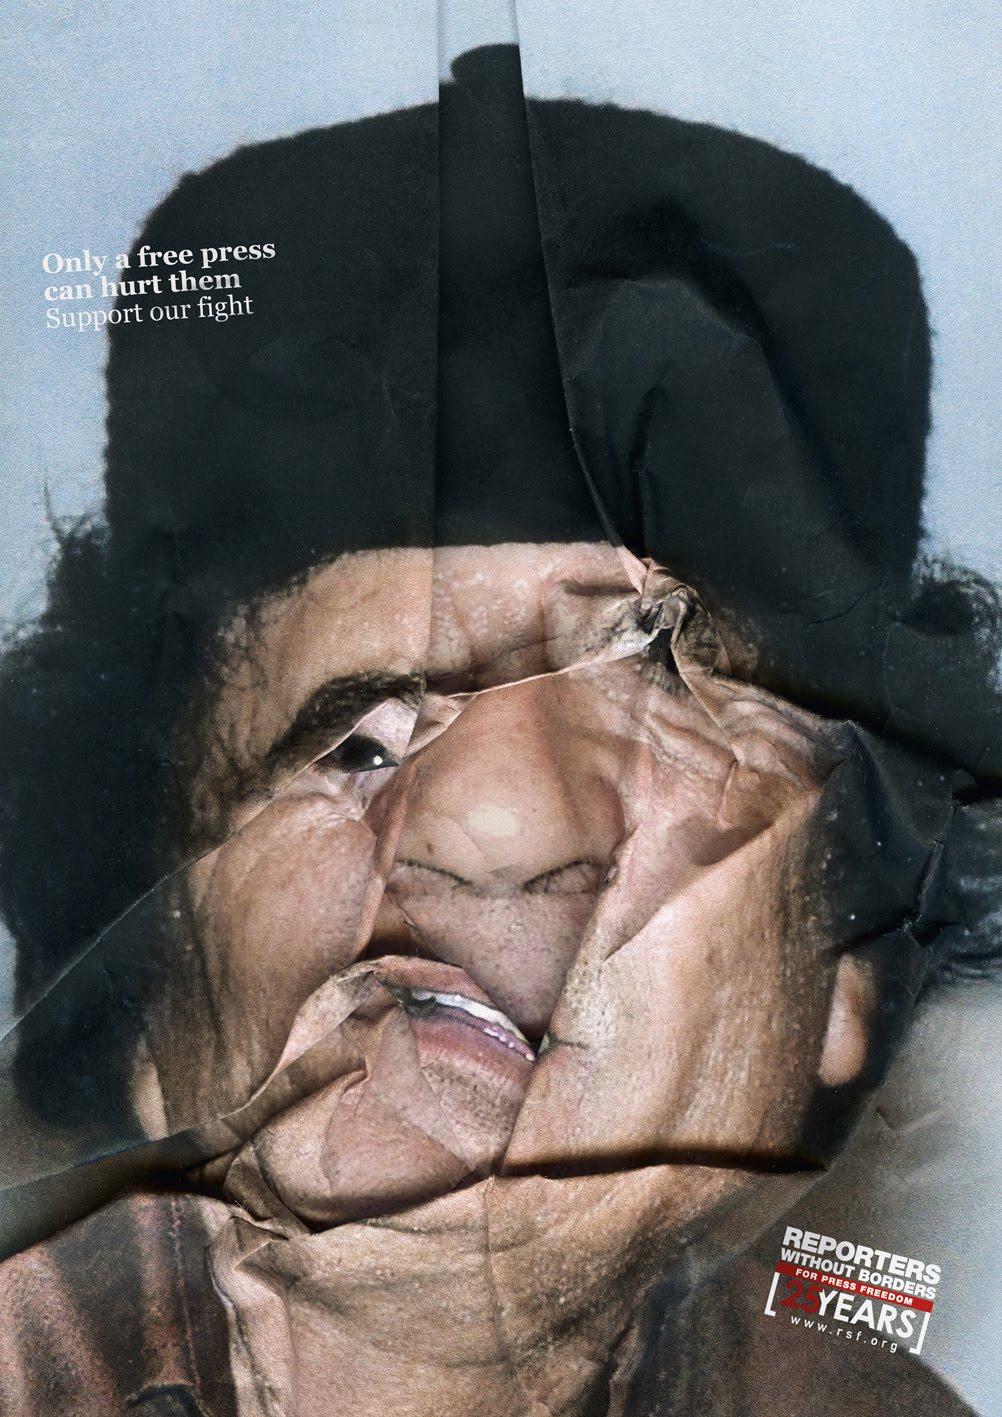 http://2.bp.blogspot.com/_42nL05s3A-8/S-A46j-5x3I/AAAAAAAACjI/wQAB5jf43js/s1600/reporters_Kadhafi.jpg